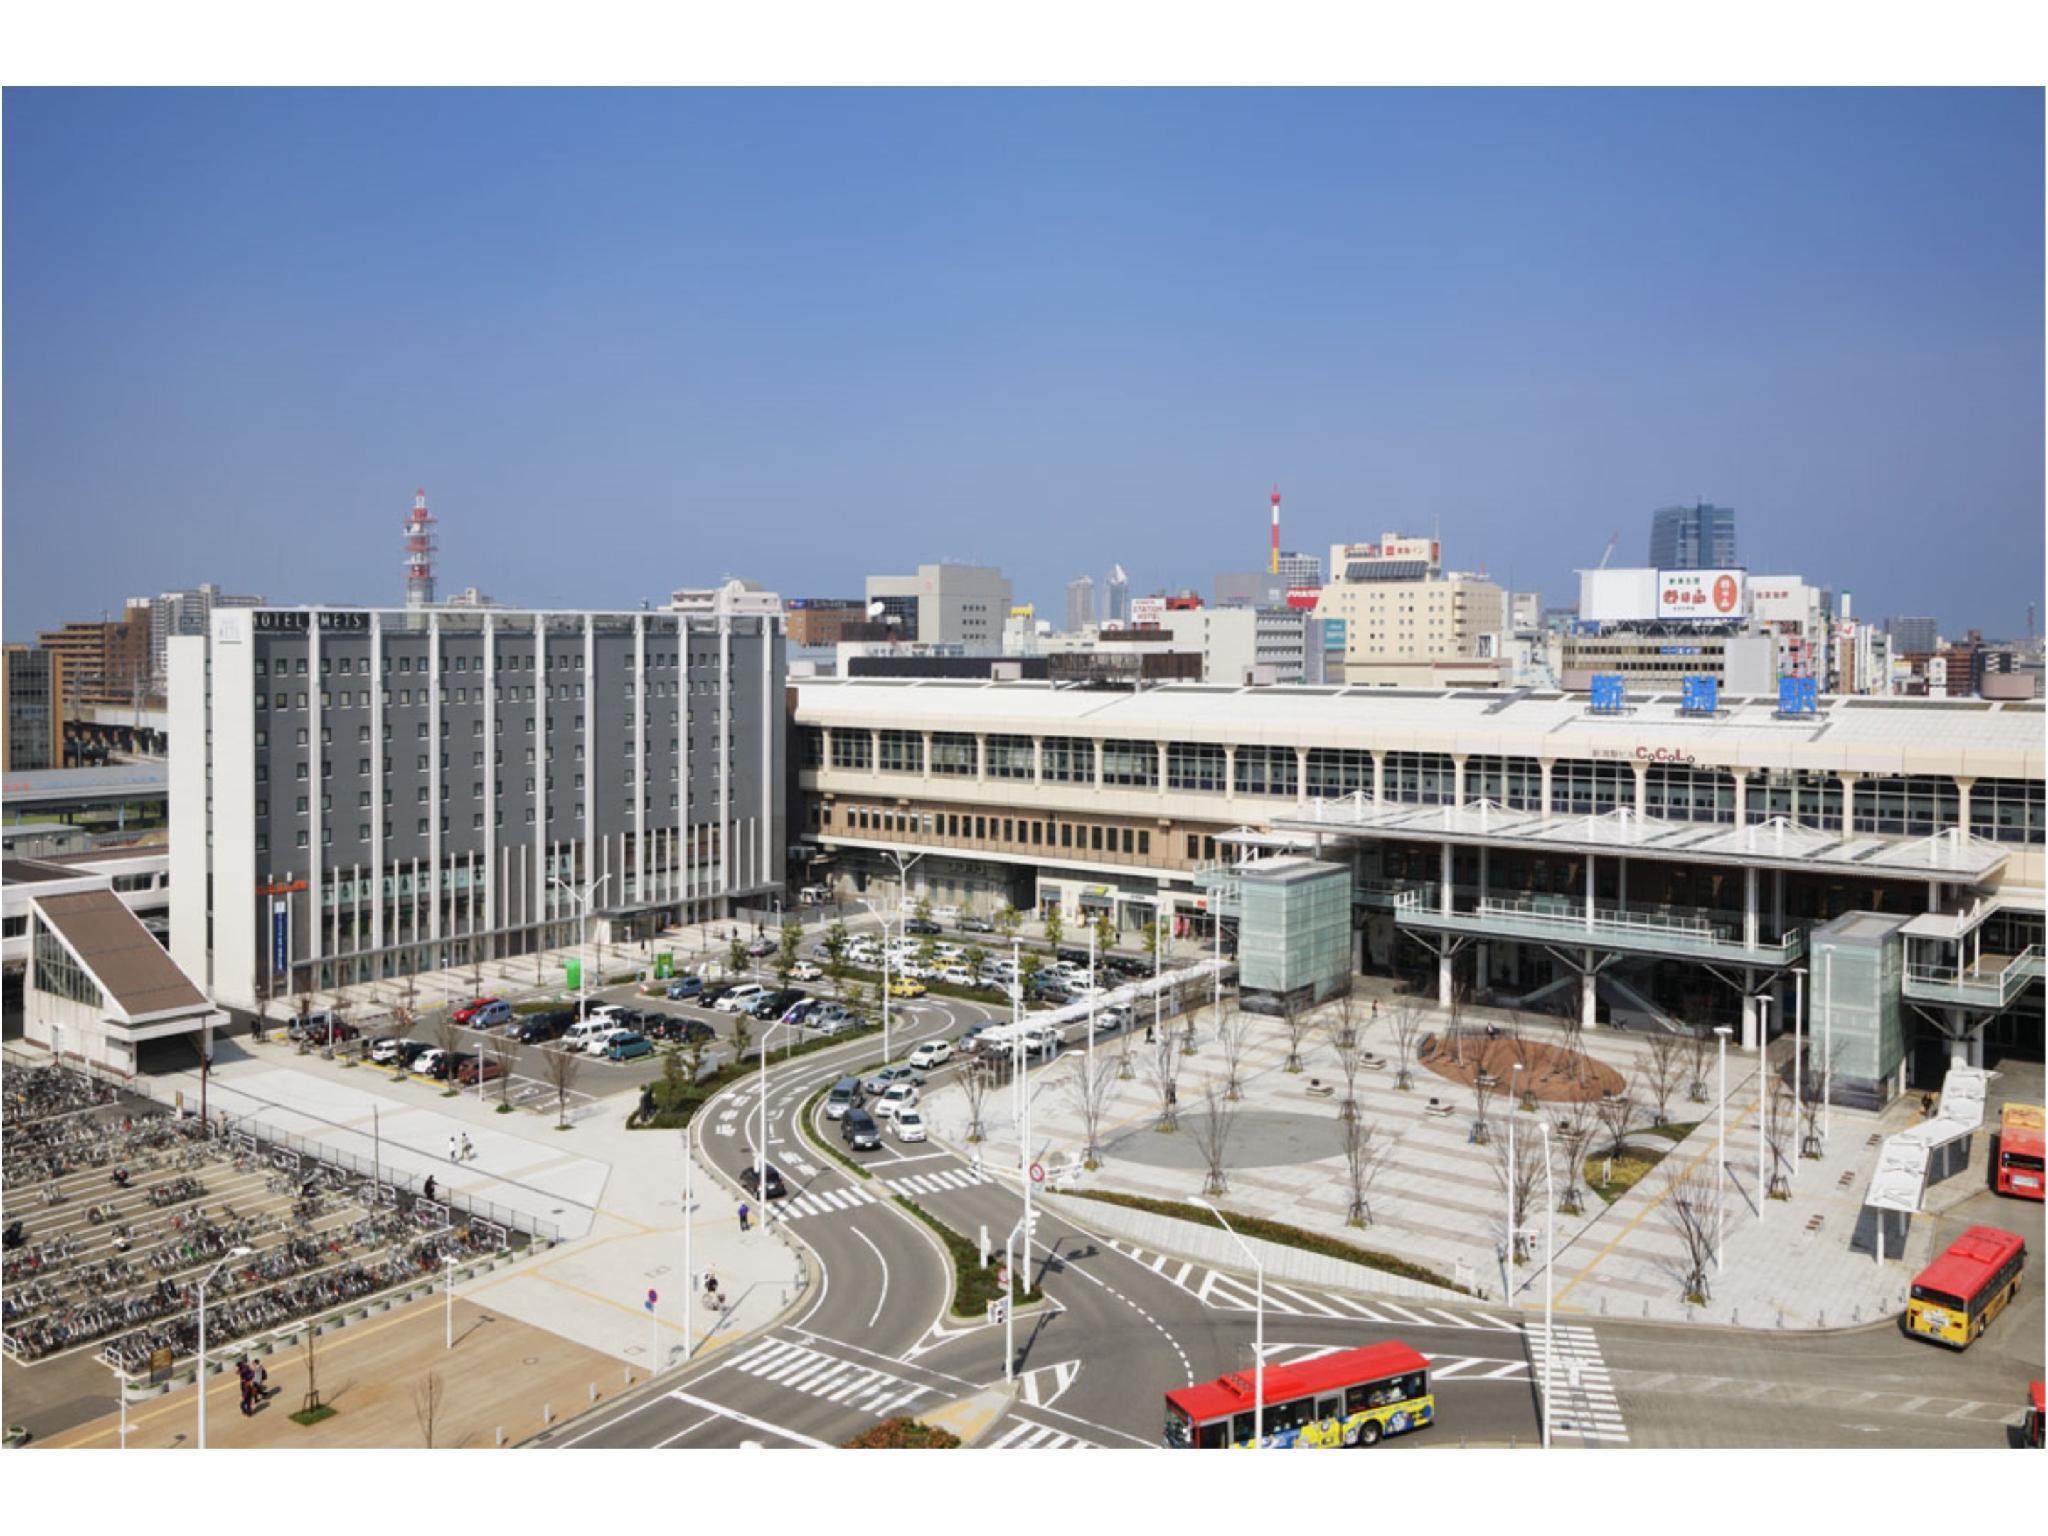 JR East Hotel Mets Niigata